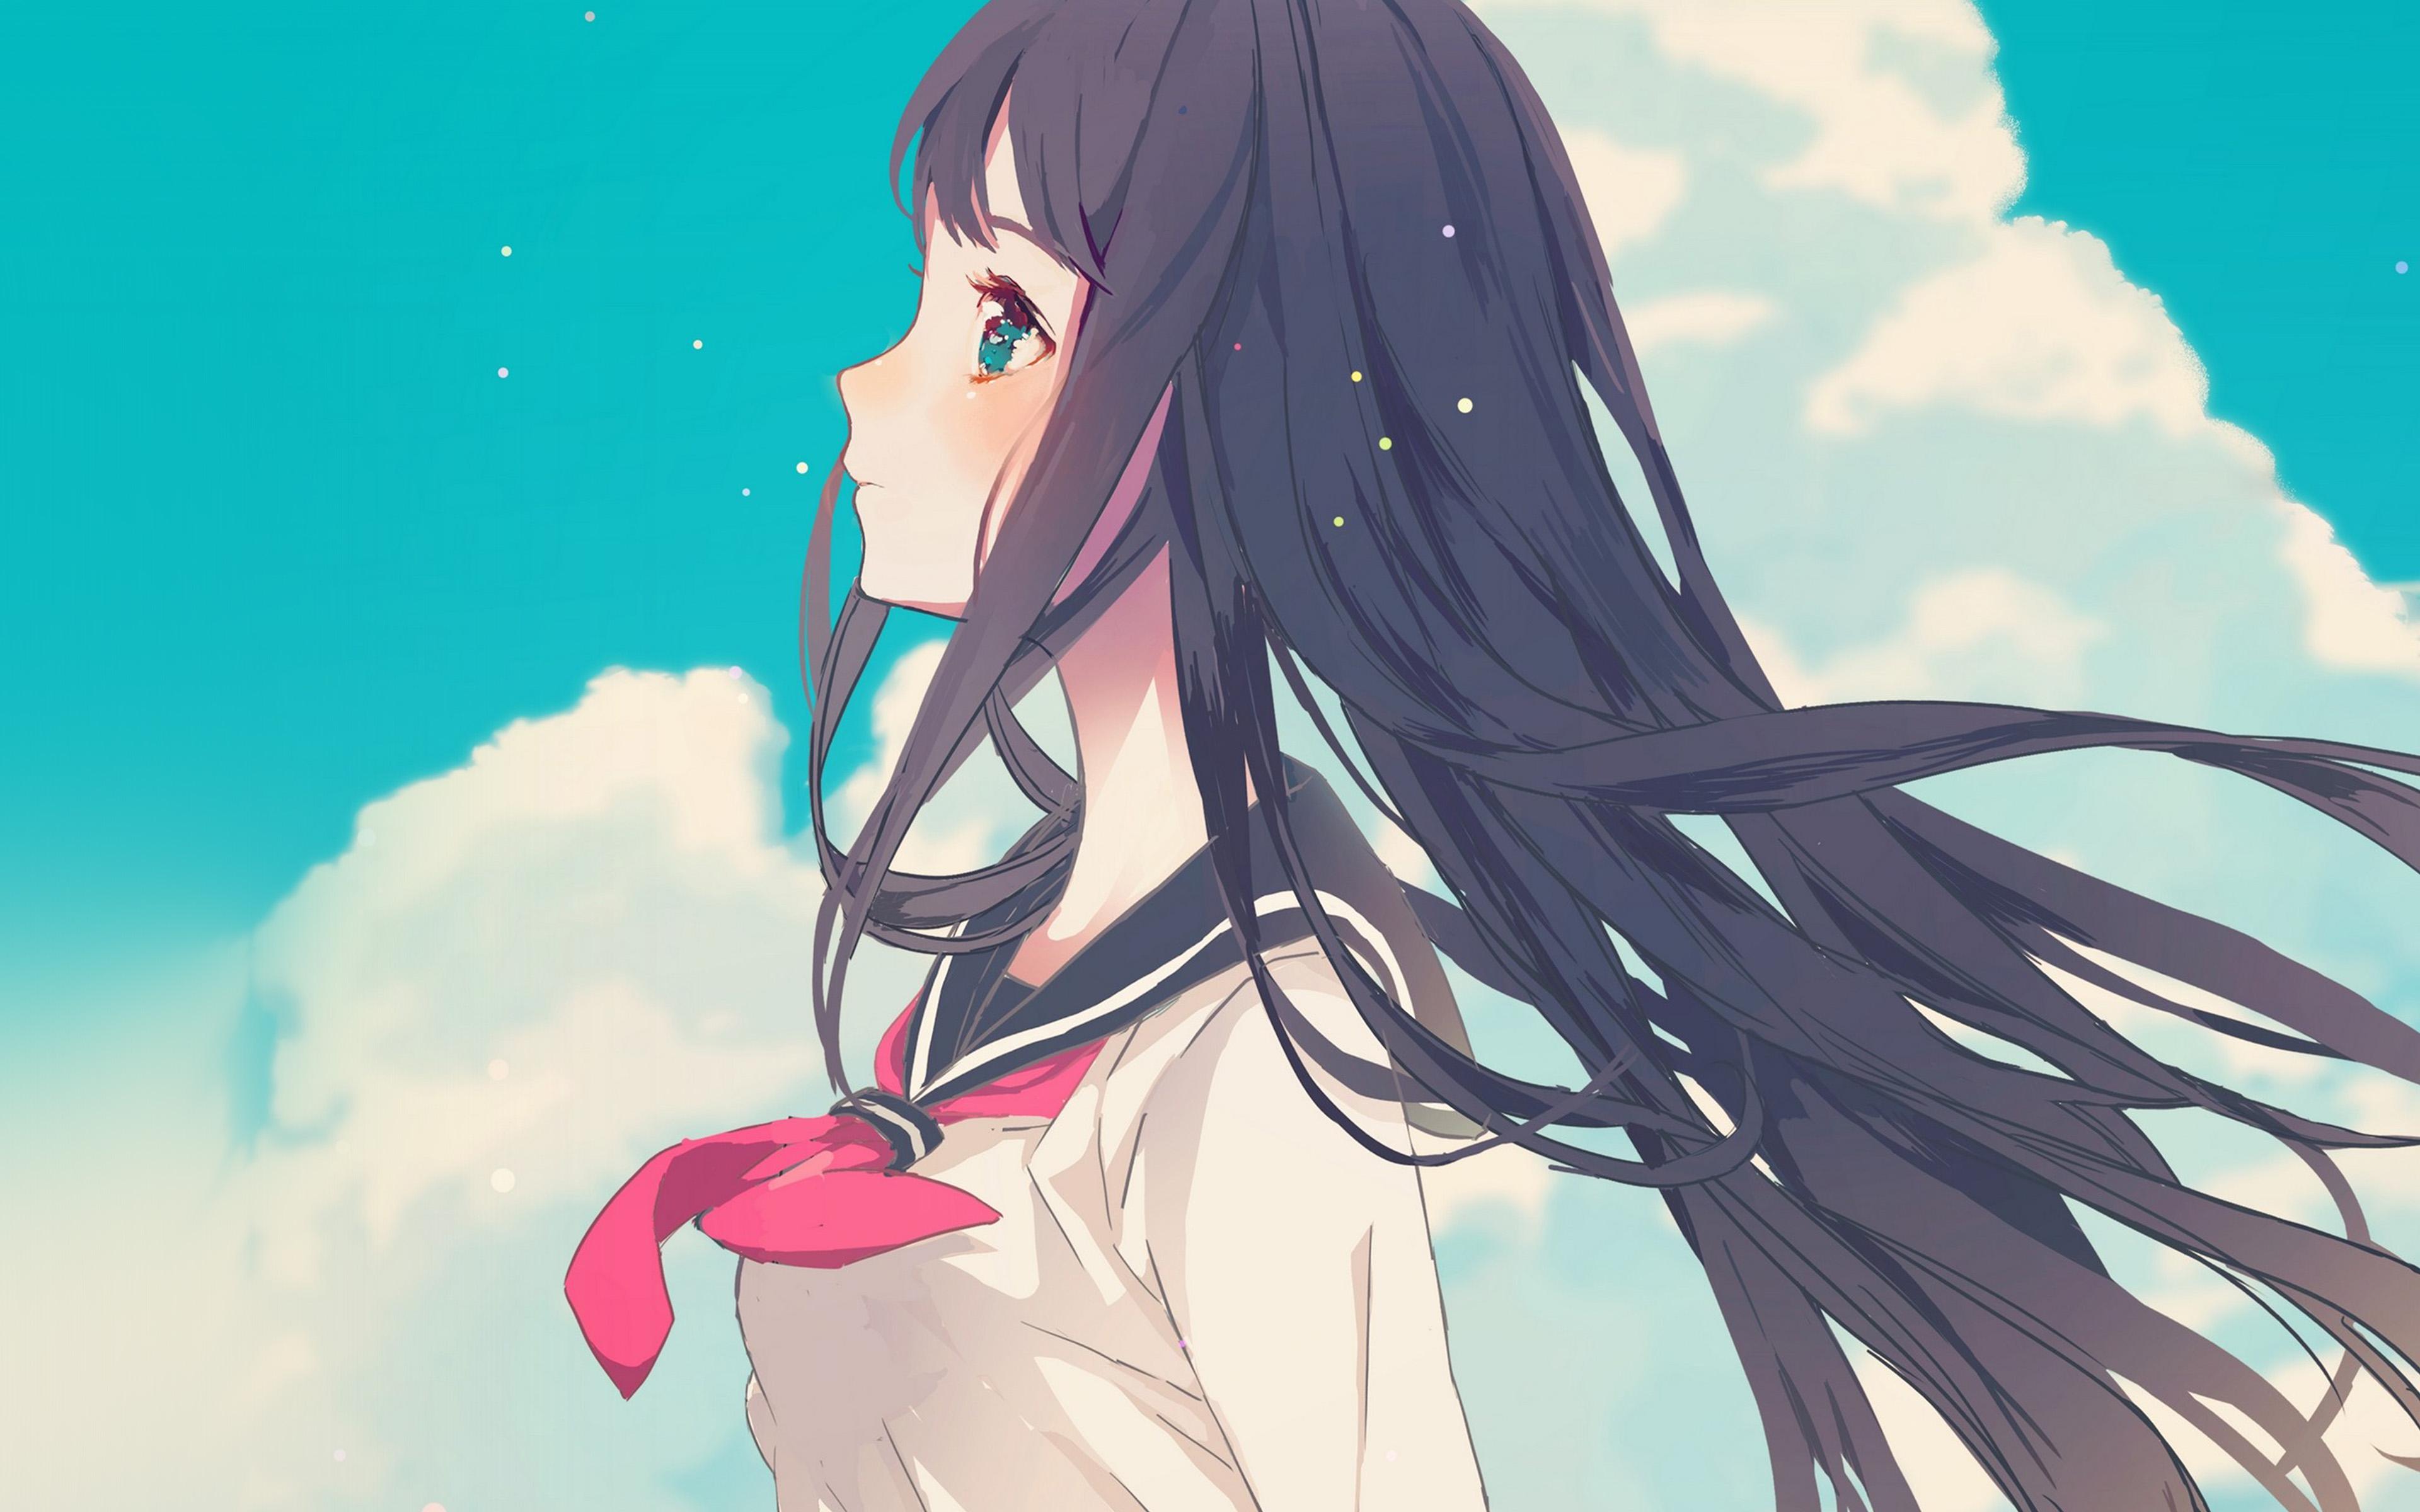 ar10-cute-girl-illustration-anime-sky-wallpaper